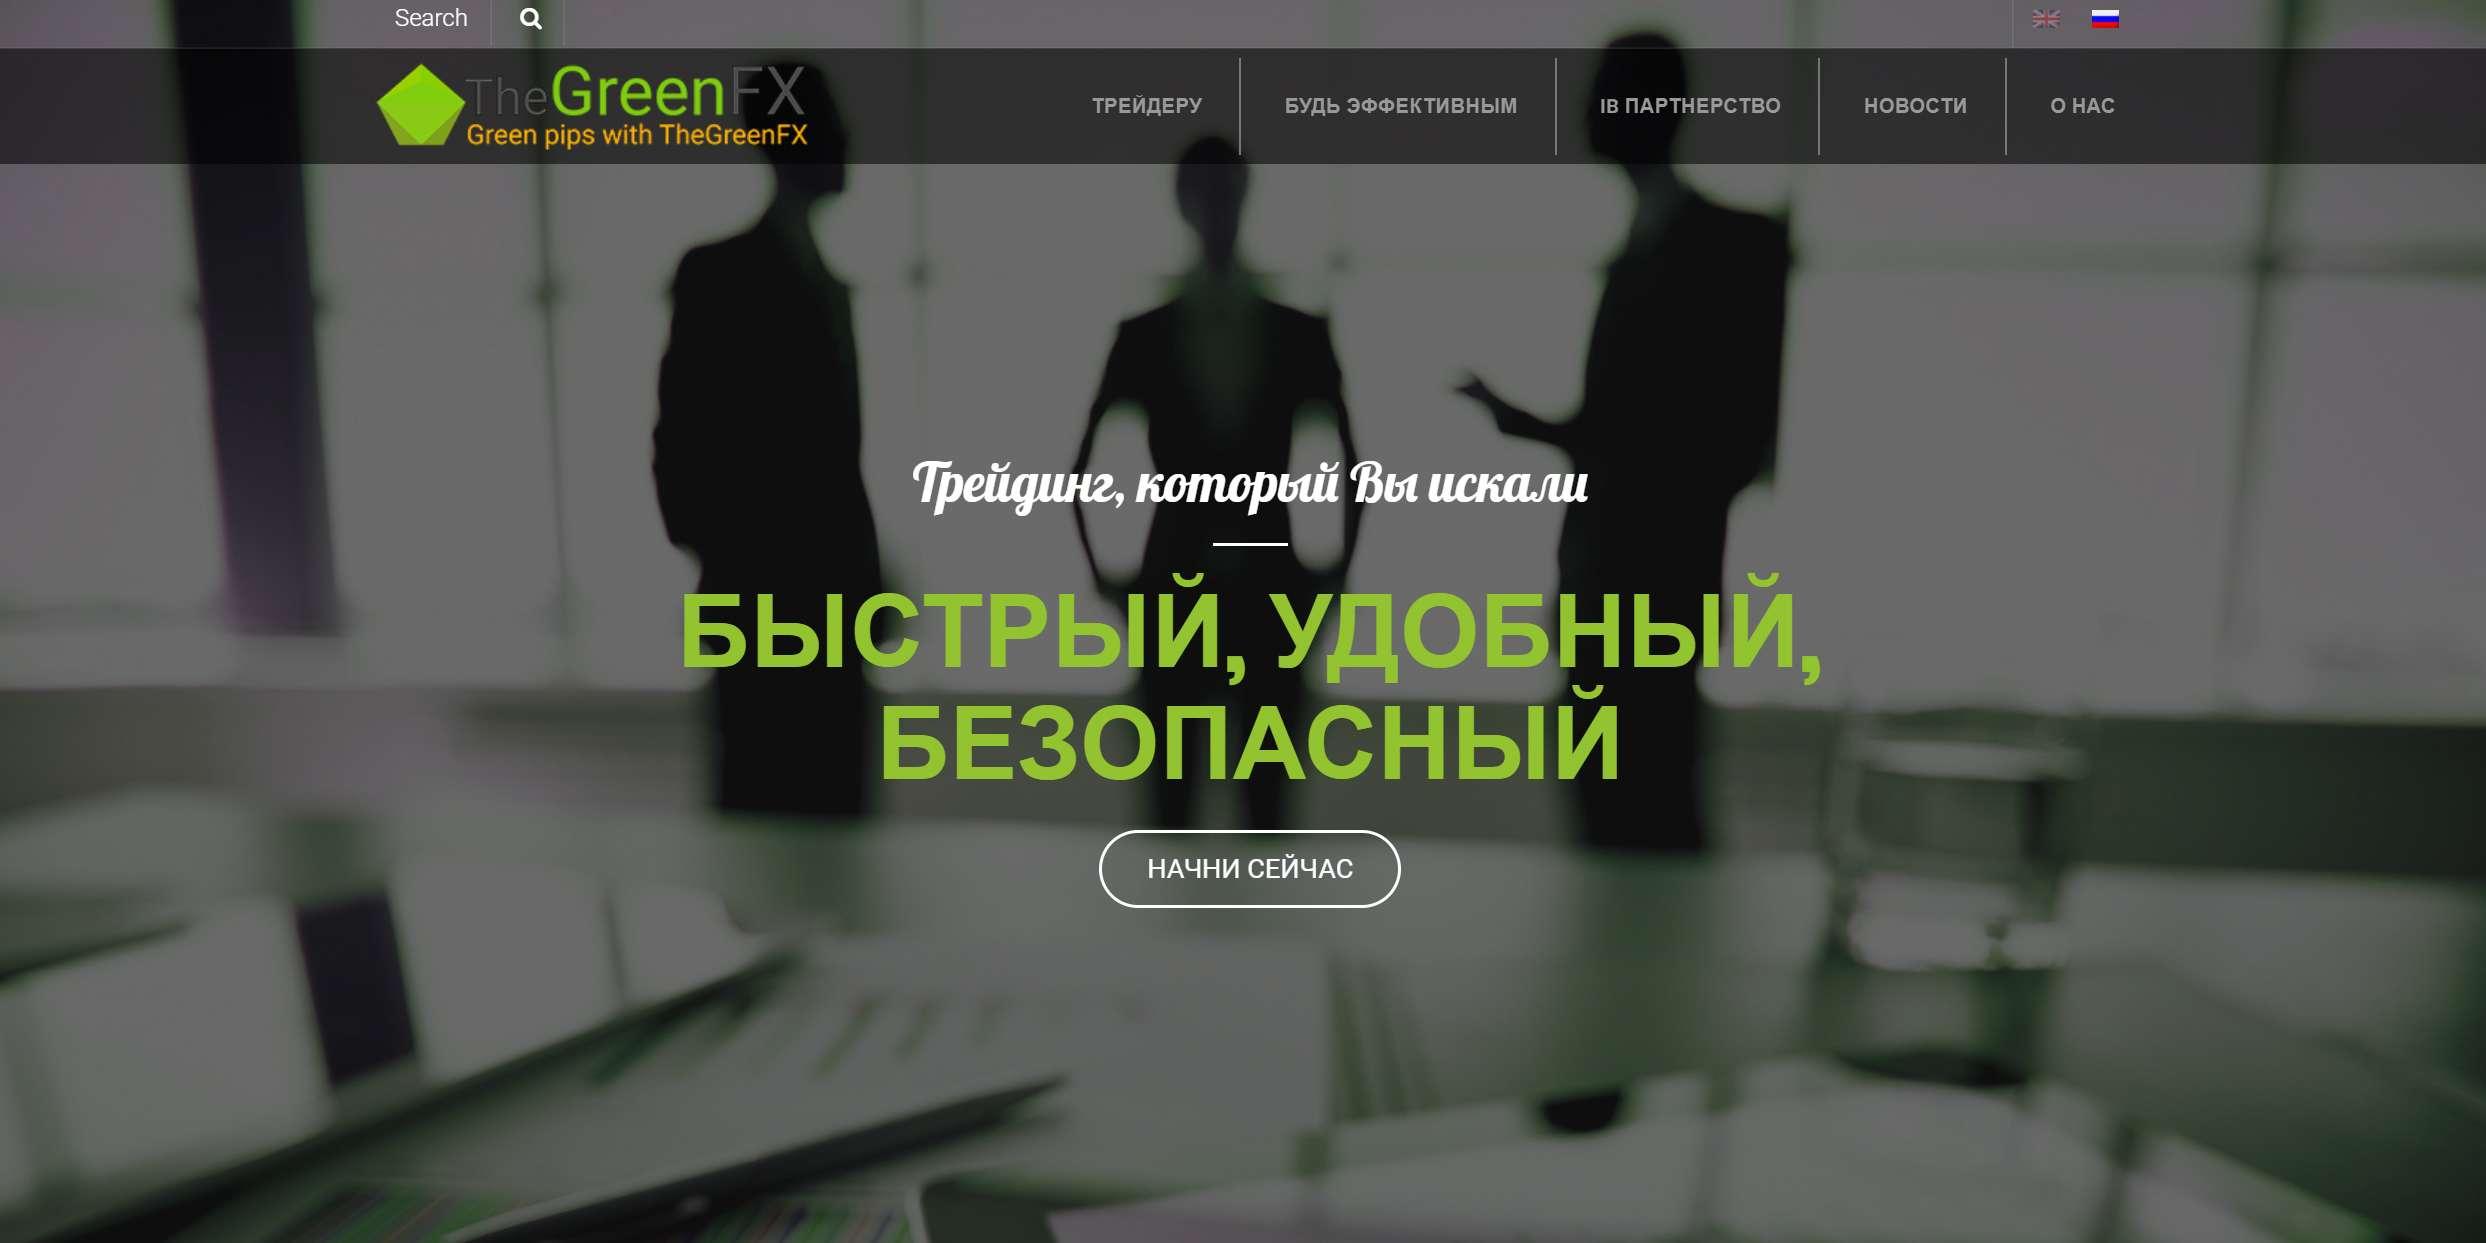 Псевдоброкер The Green Fx – ознакомимся с настоящим отзывом на мутный проект